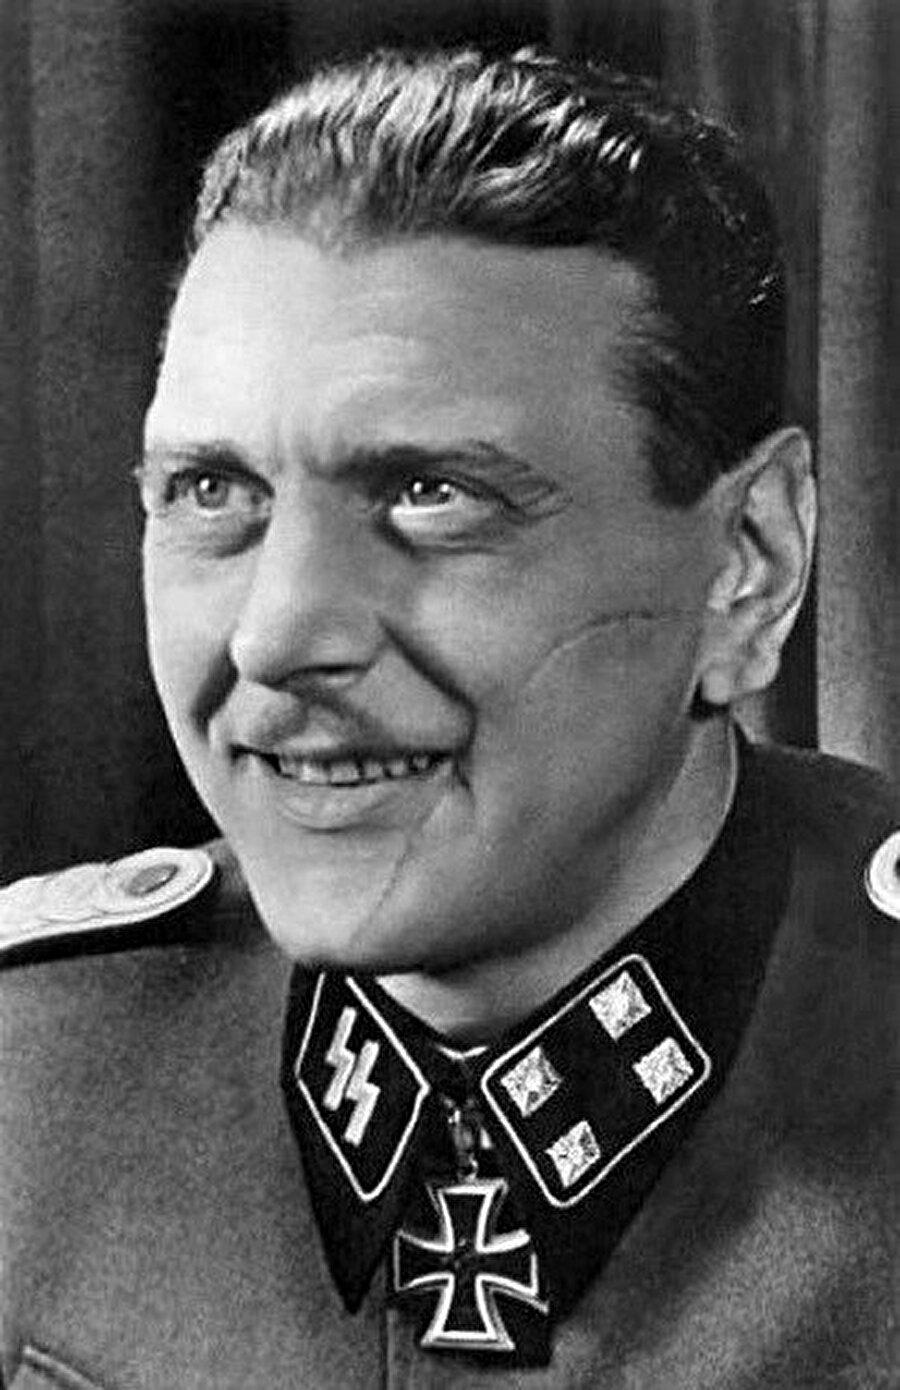 Suratındaki yara iziyle, katı disiplini ve yaratıcılığıyla tarihe geçen bir Alman subay olan Otto Skorzeny.